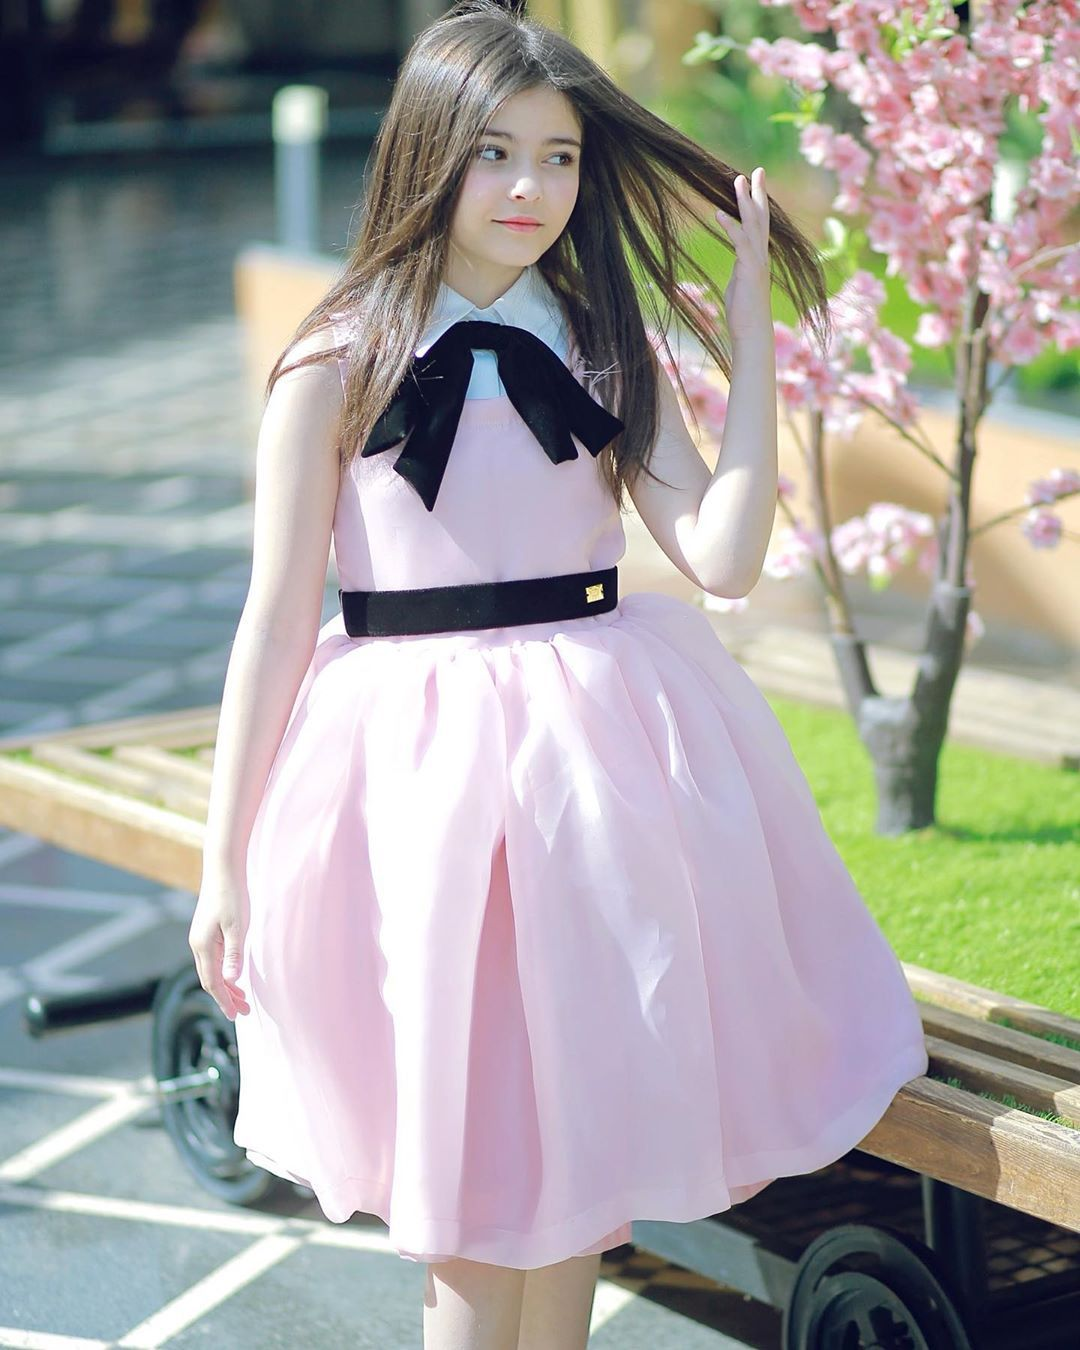 رند الشهيلي On Instagram ㅤ شايفين جماااال الفستان وفخامته تصم Kids Dress Cute Kids Photography Mommy Daughter Photos